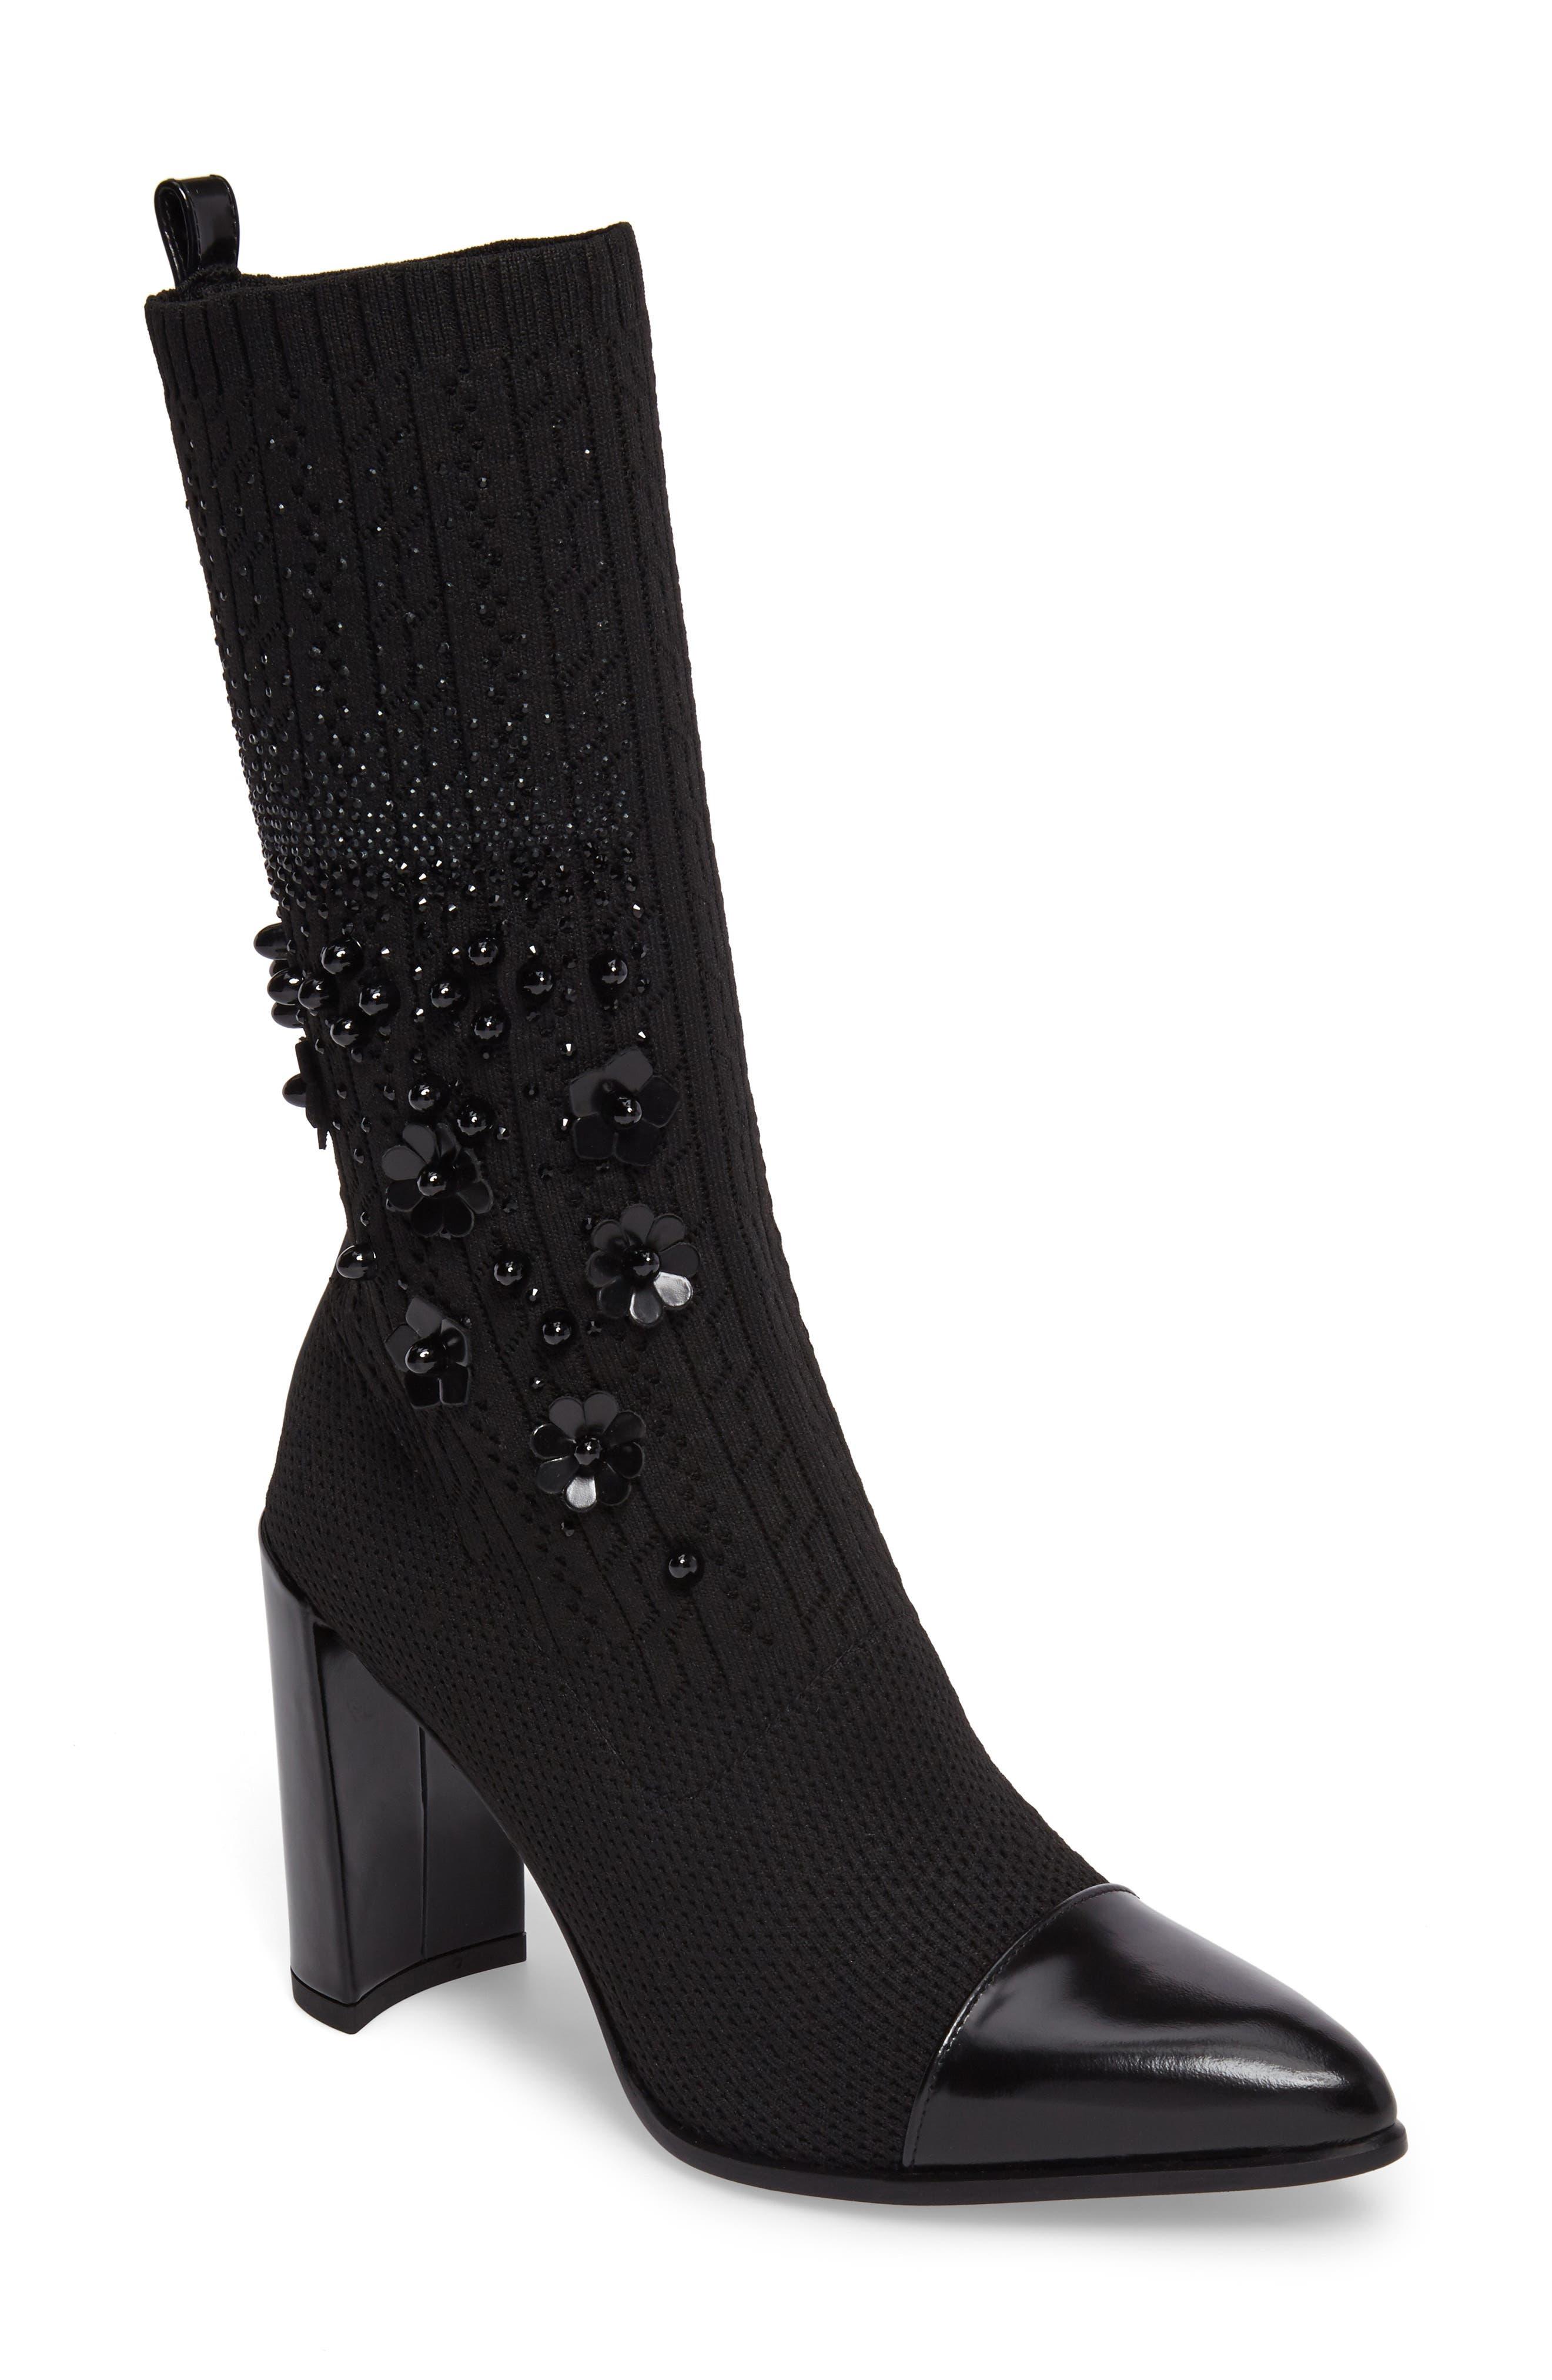 STUART WEITZMAN Sockhop Embellished Boot